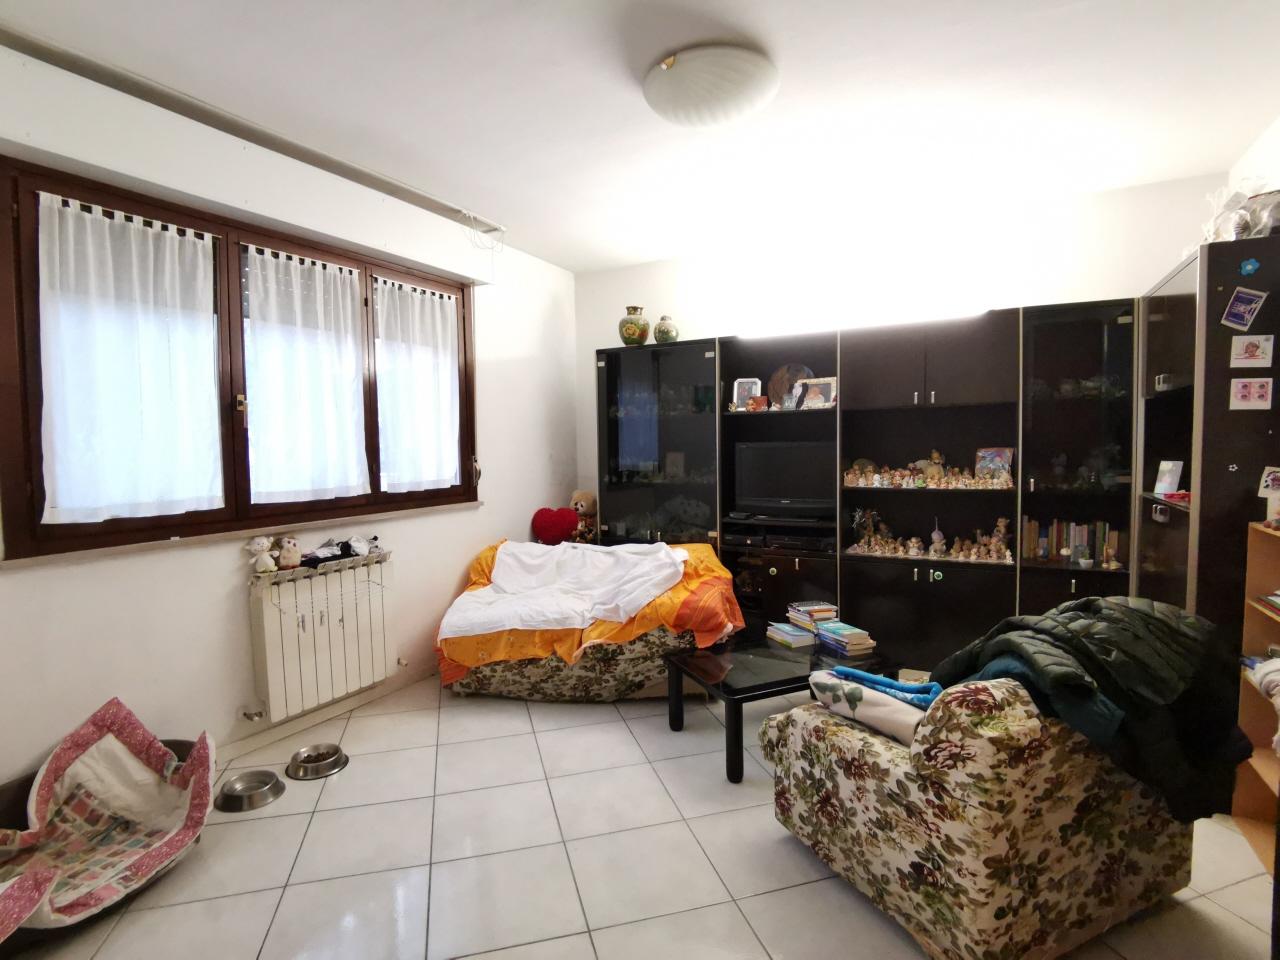 Villa a schiera quadrilocale in vendita a Pesaro (PU)